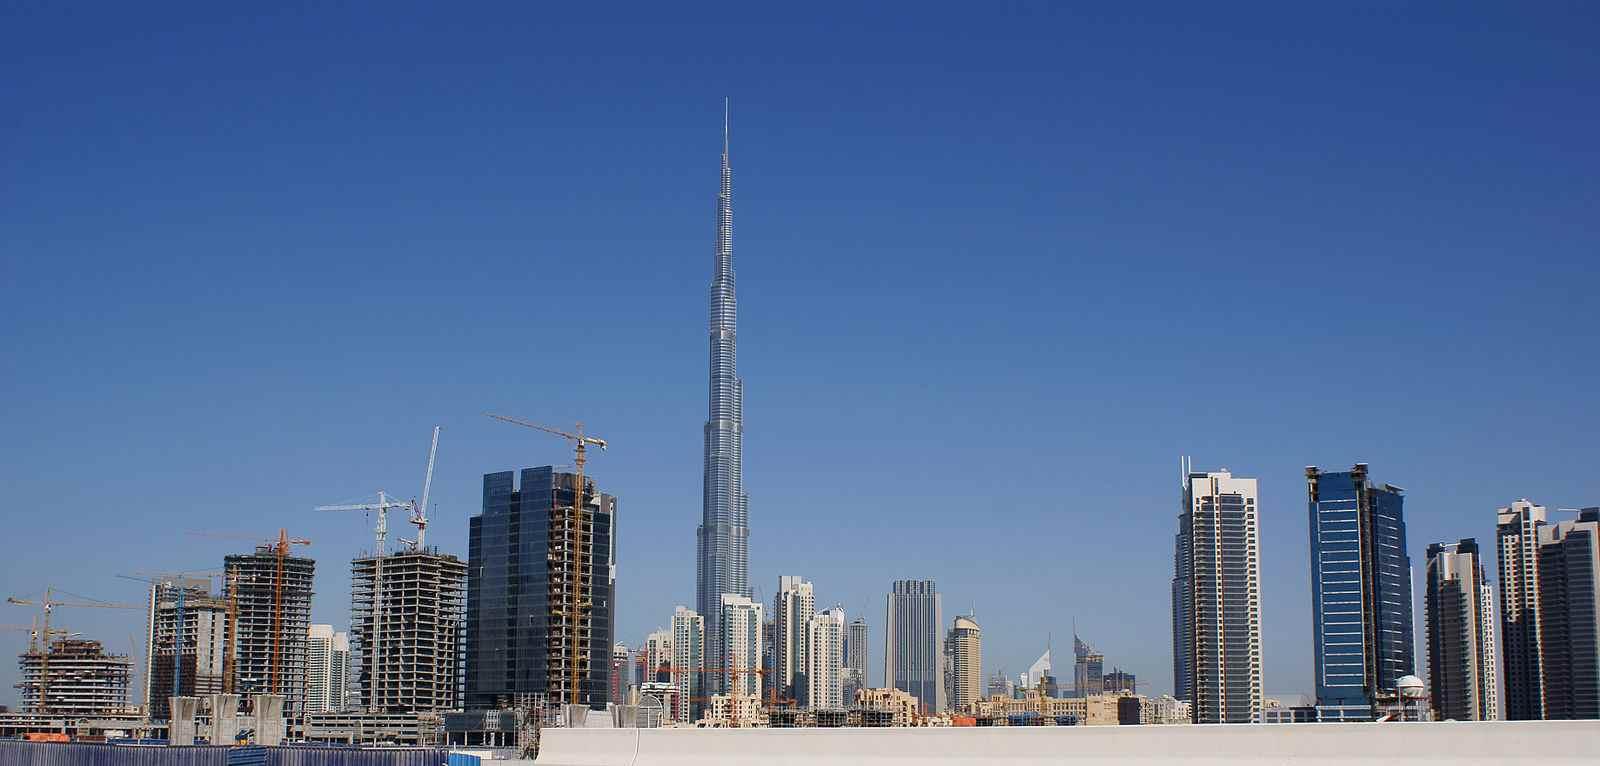 Burj_Khalifa_005